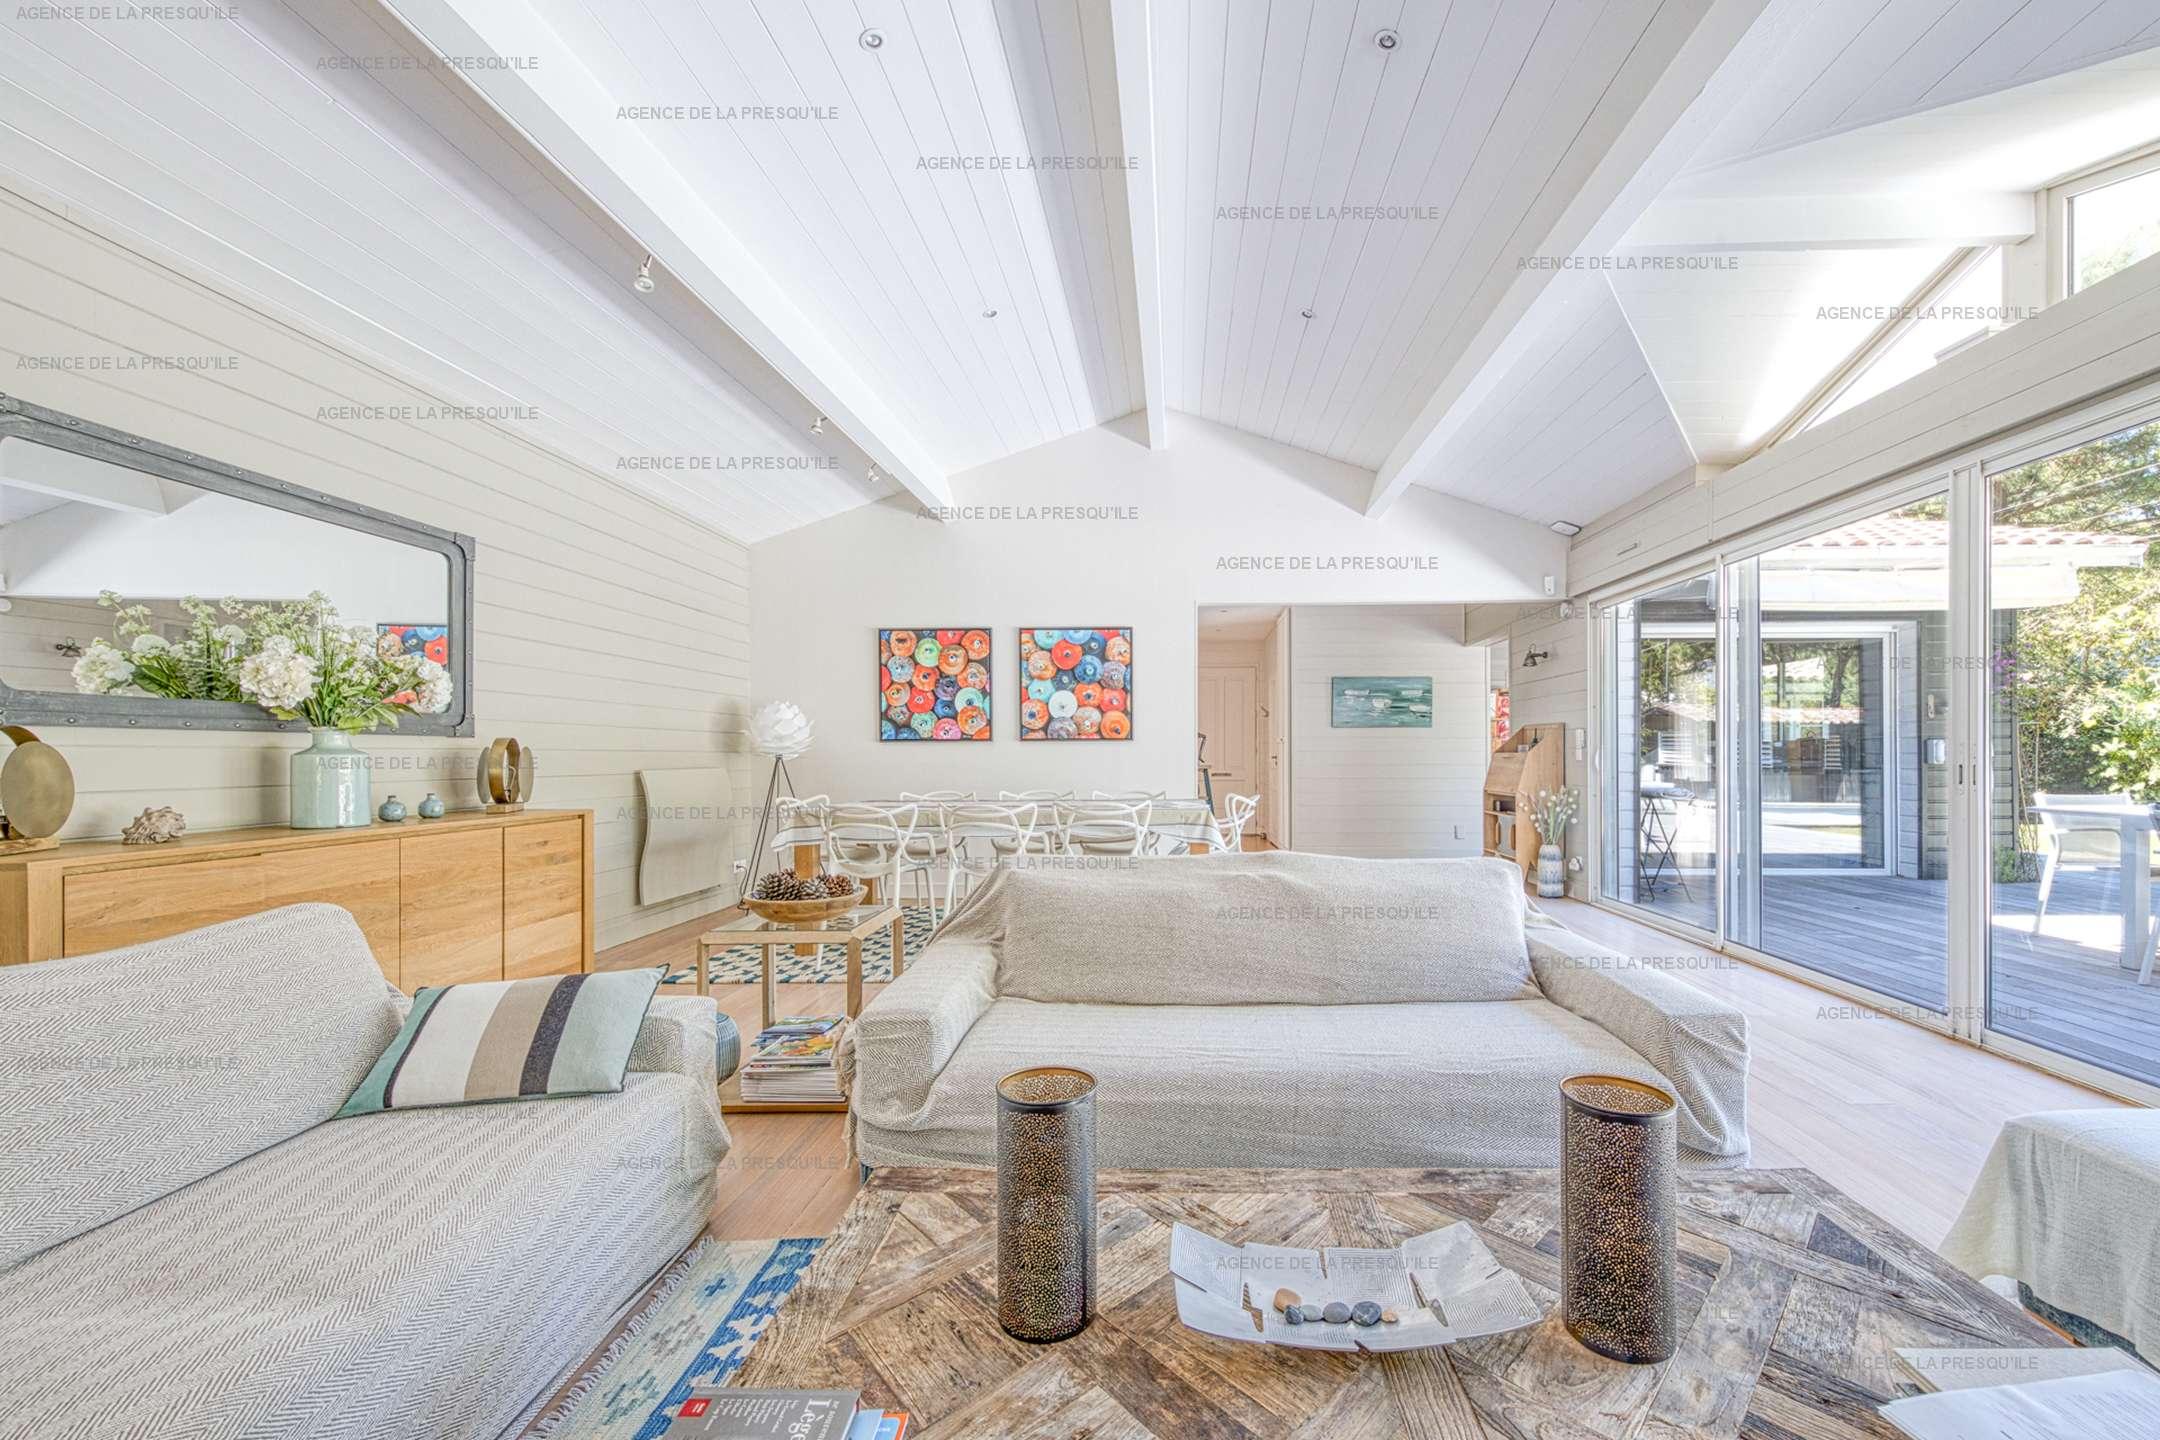 Location: Très belle villa en bois au calme avec piscine chauffée 4